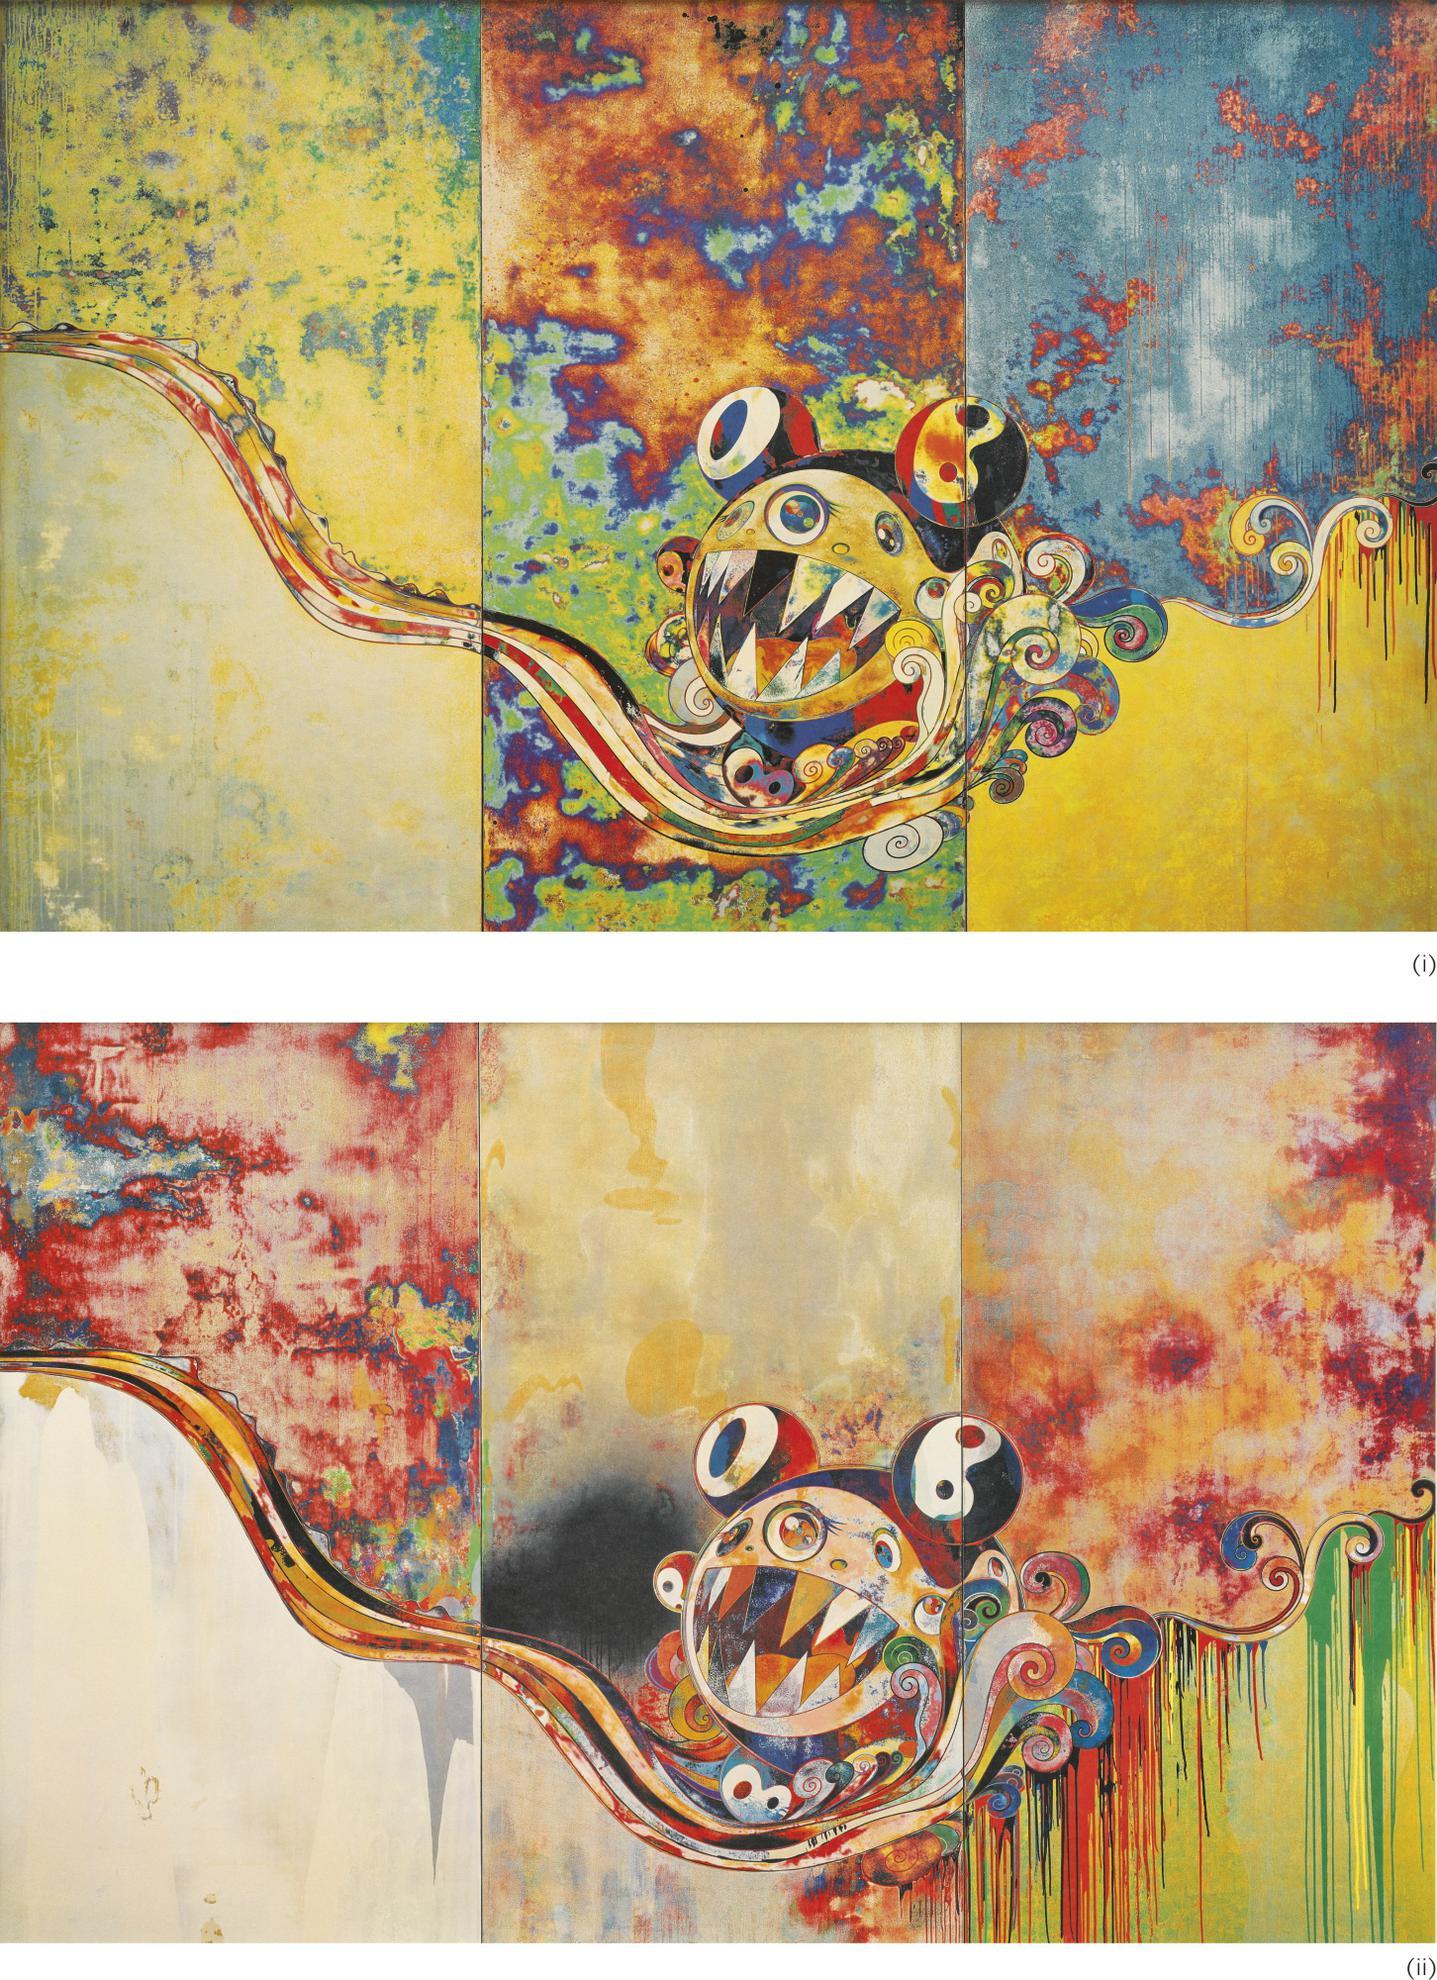 Takashi Murakami-(i) 727-727/; (ii) 727-272 (Two Works)-2006